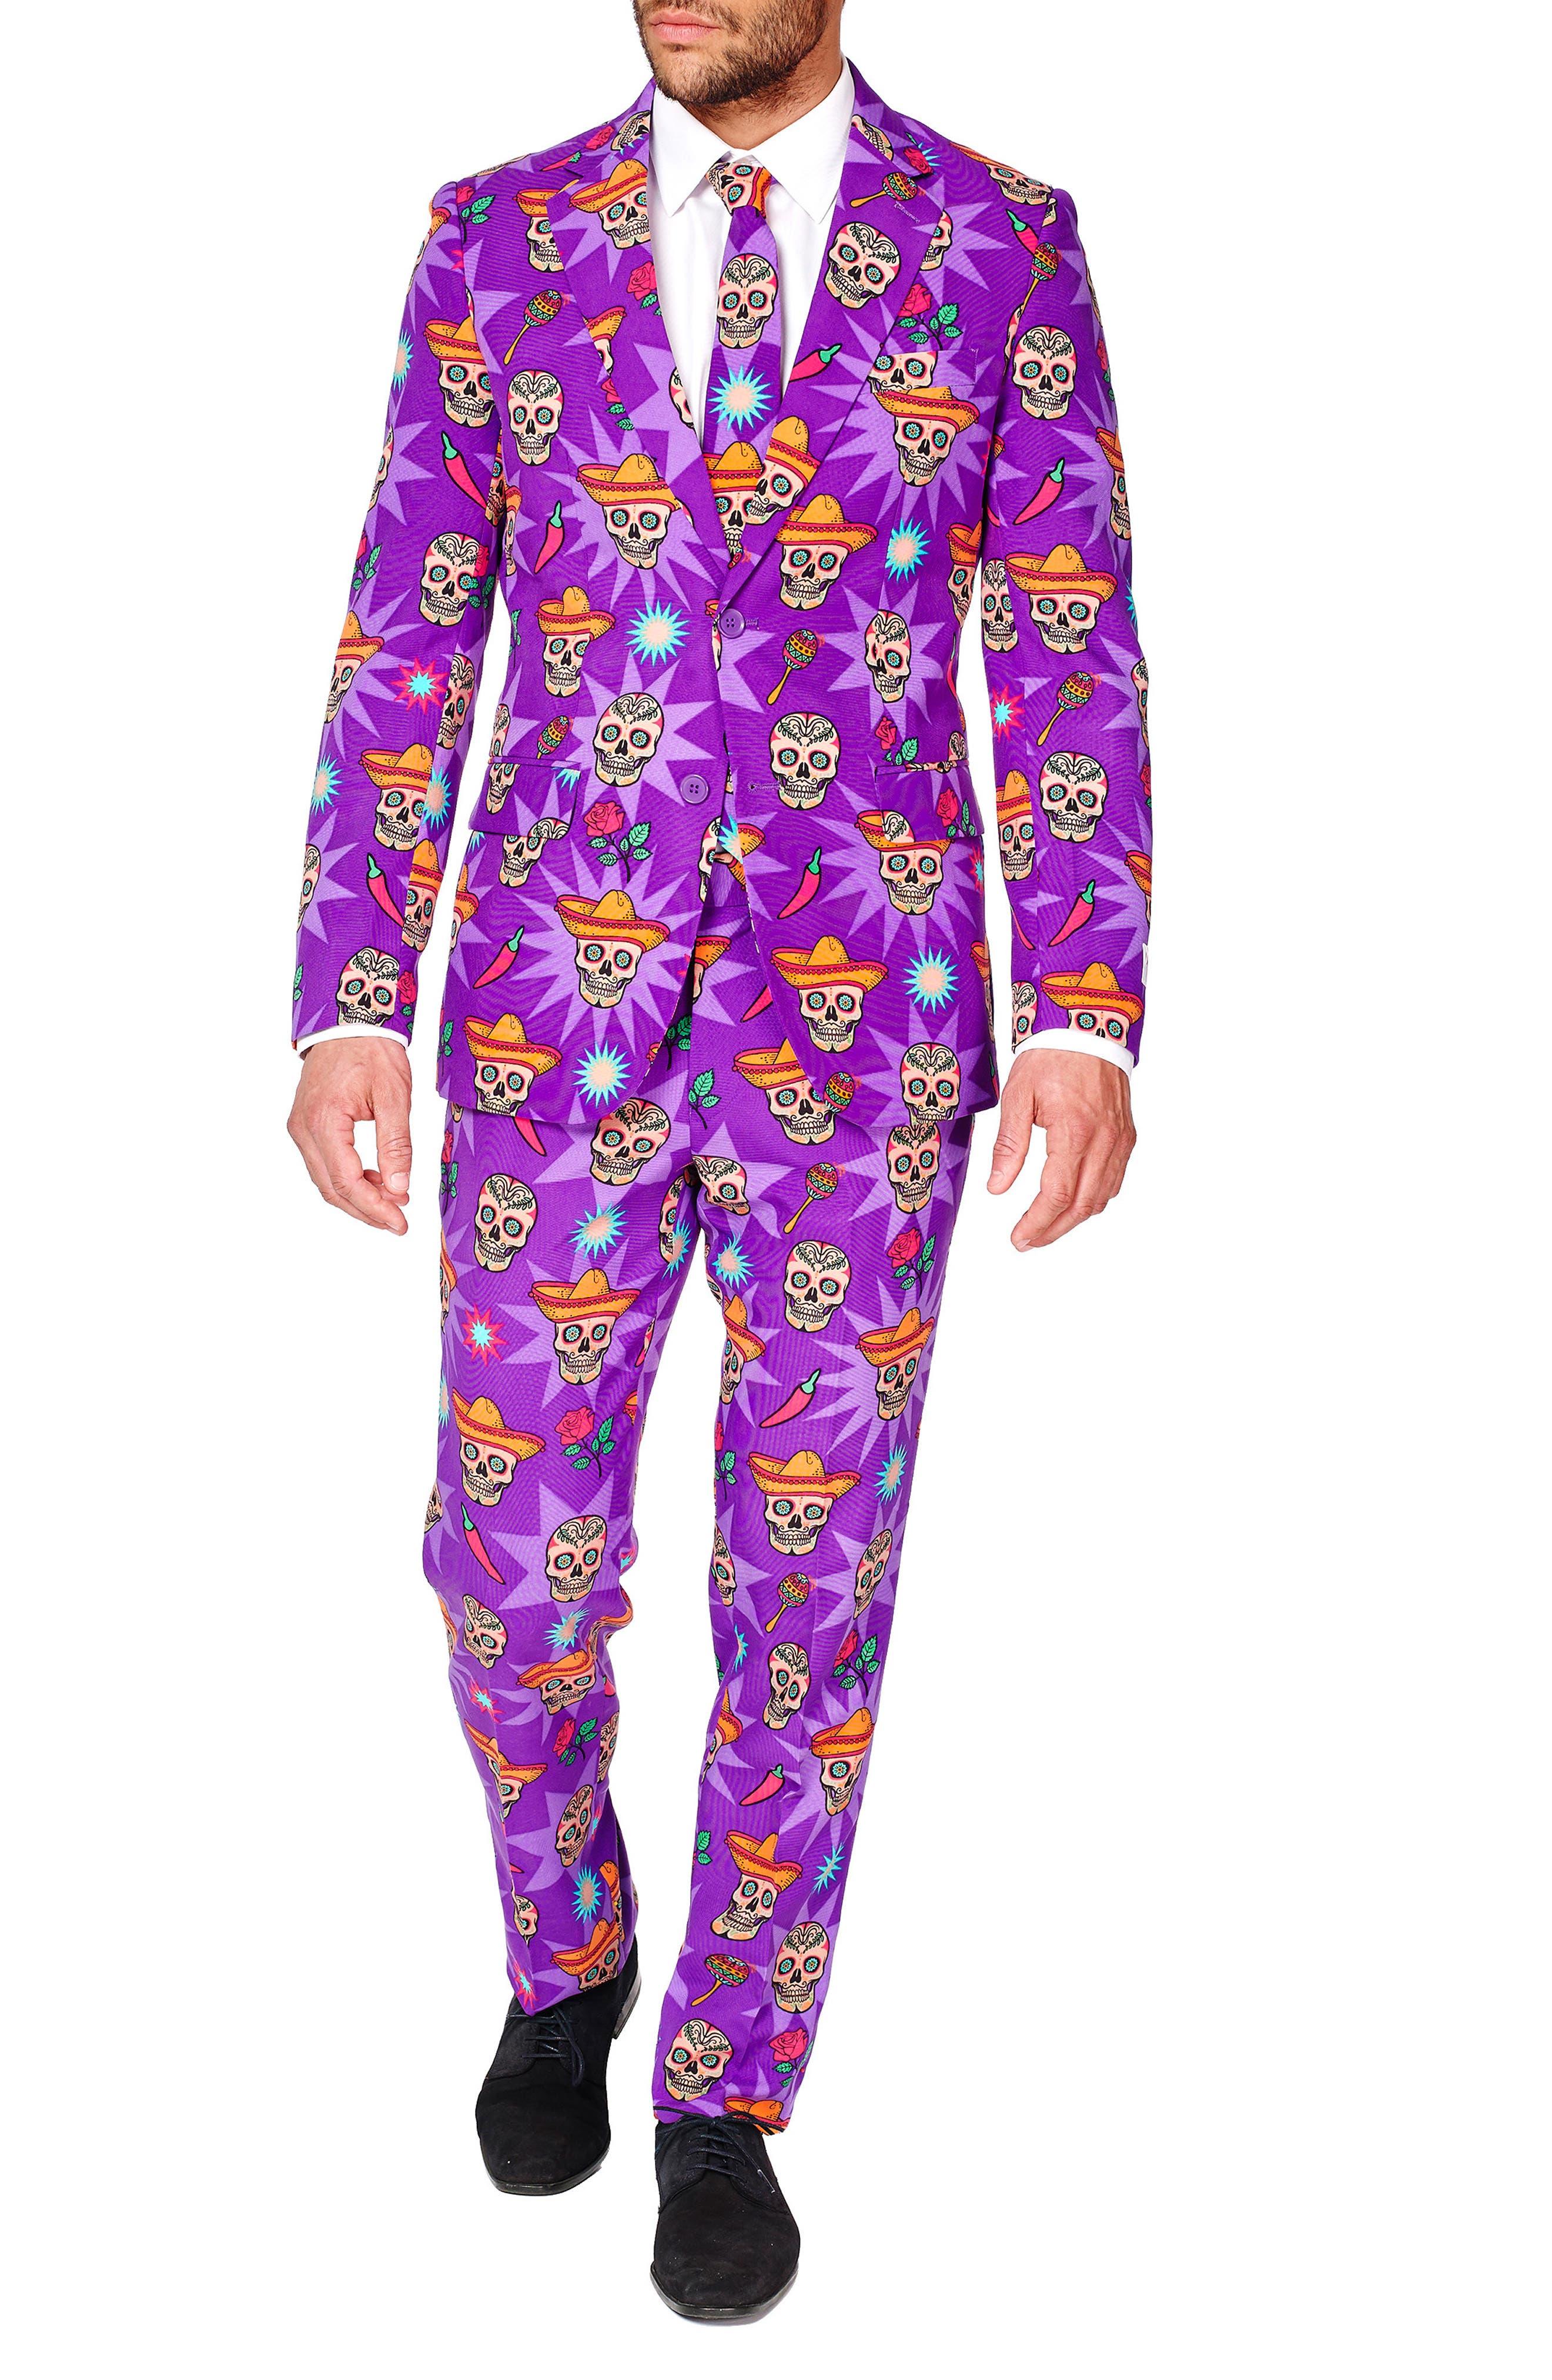 'El Muerto' Trim Fit Two-Piece Suit with Tie,                             Alternate thumbnail 4, color,                             520